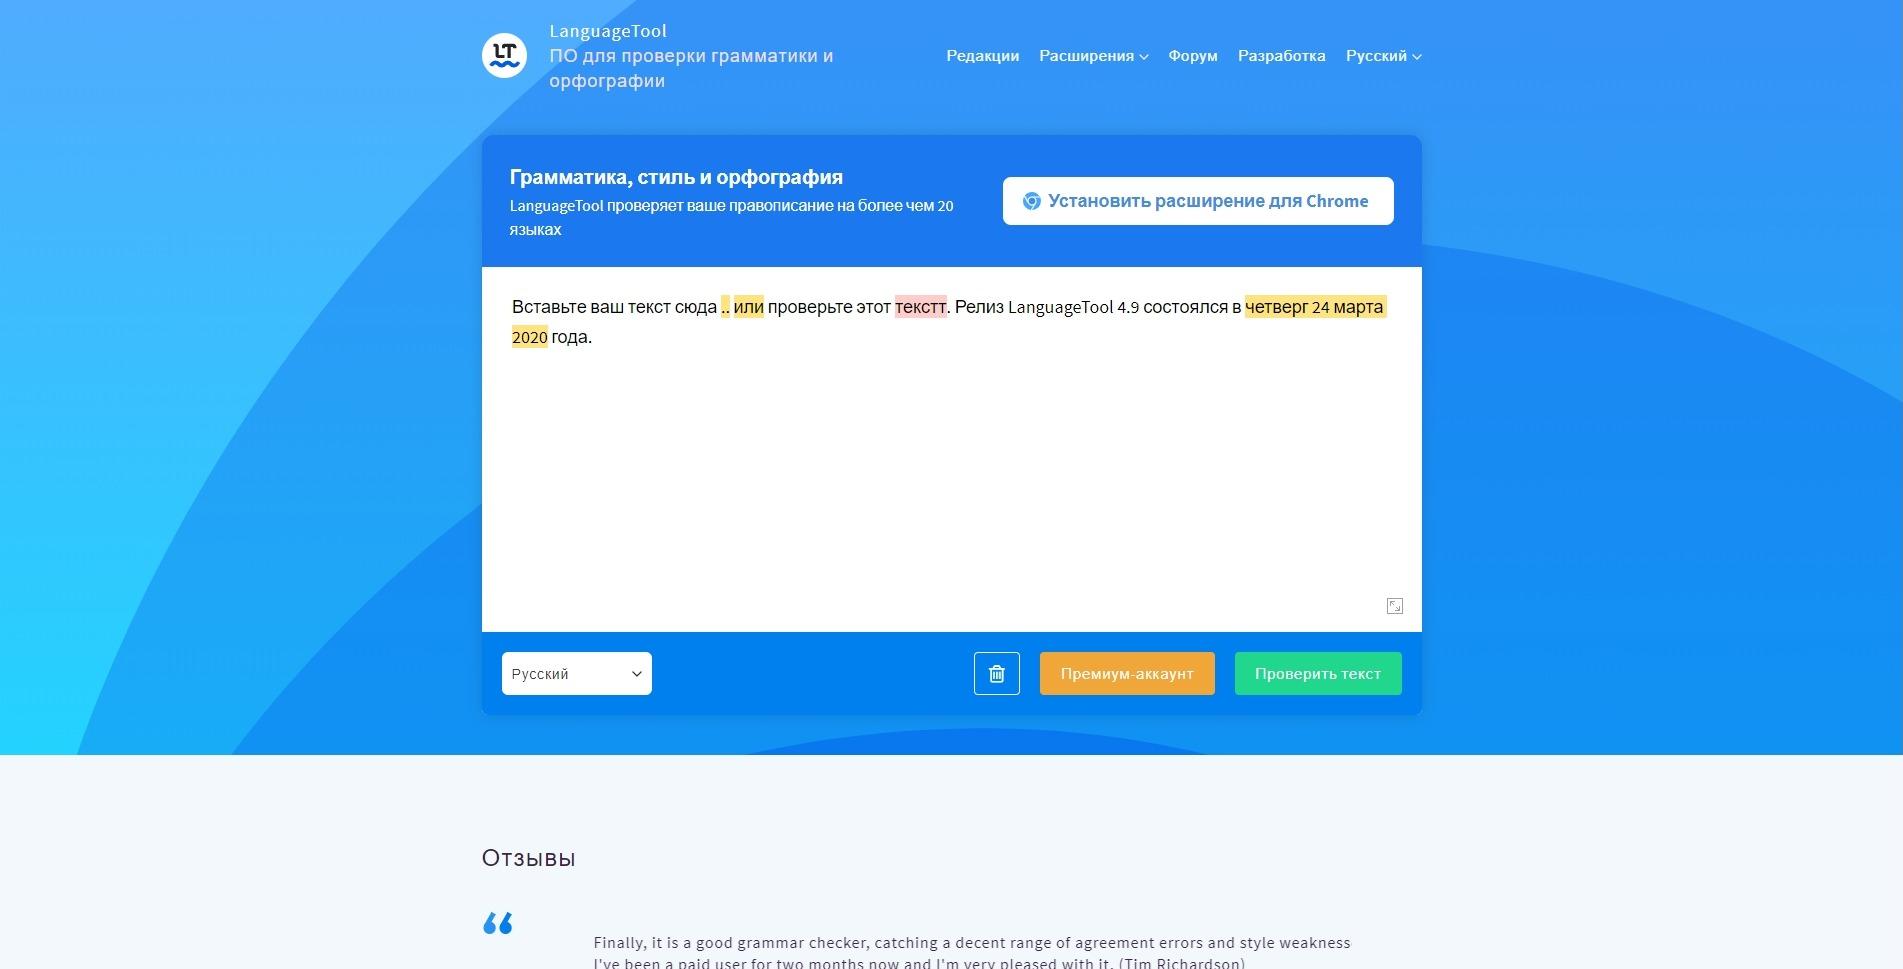 Проверка орфографии онлайн: LanguageTool